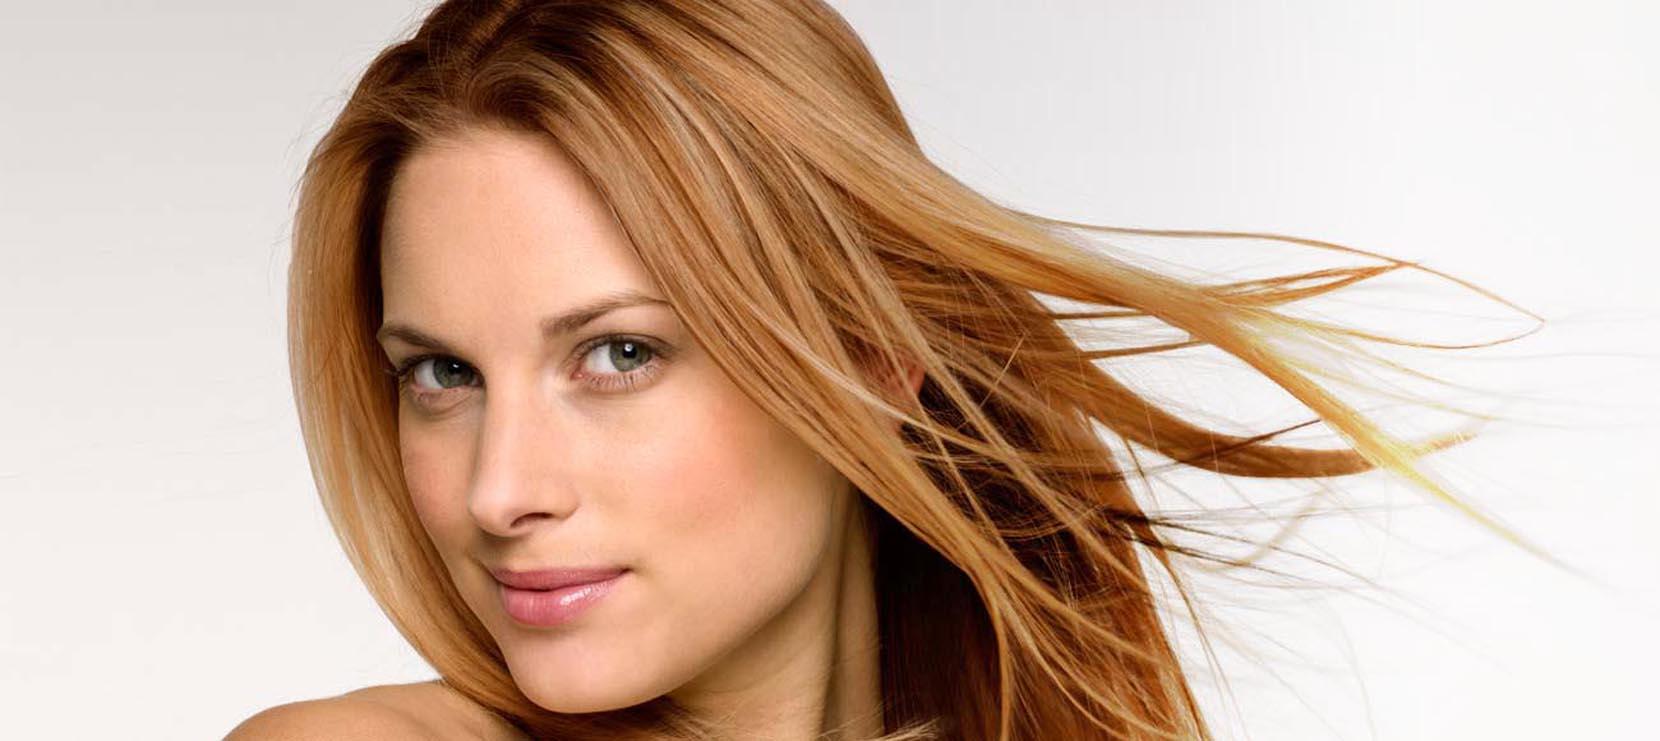 Attractive Choisir La Bonne Couleur De Cheveux 14 Bien Choisir Sa